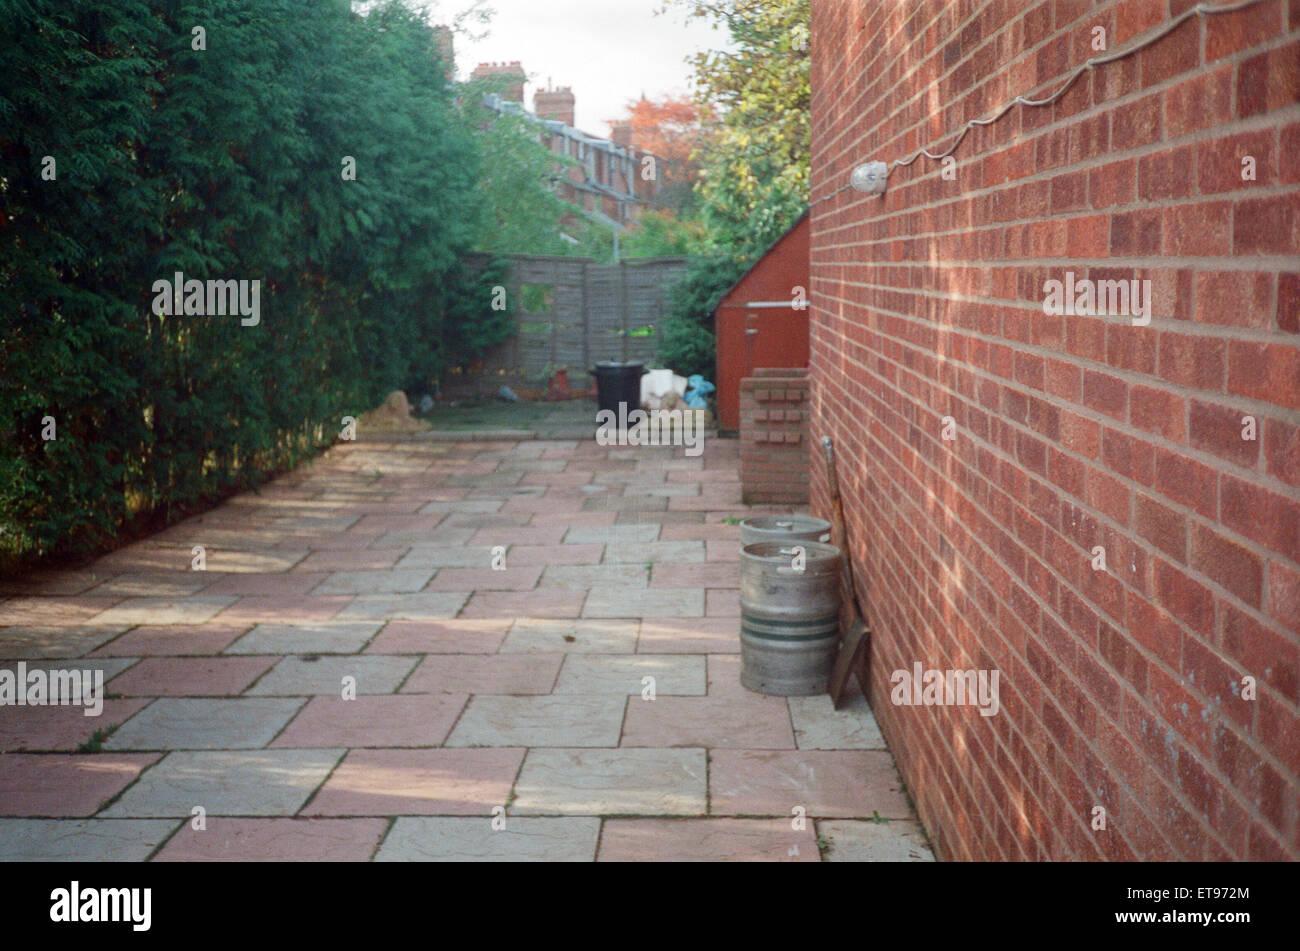 El exterior del 25 de Cromwell Street, Gloucester. Frederick West acusado de asesinato en masa. 3 de marzo de 1995. Foto de stock